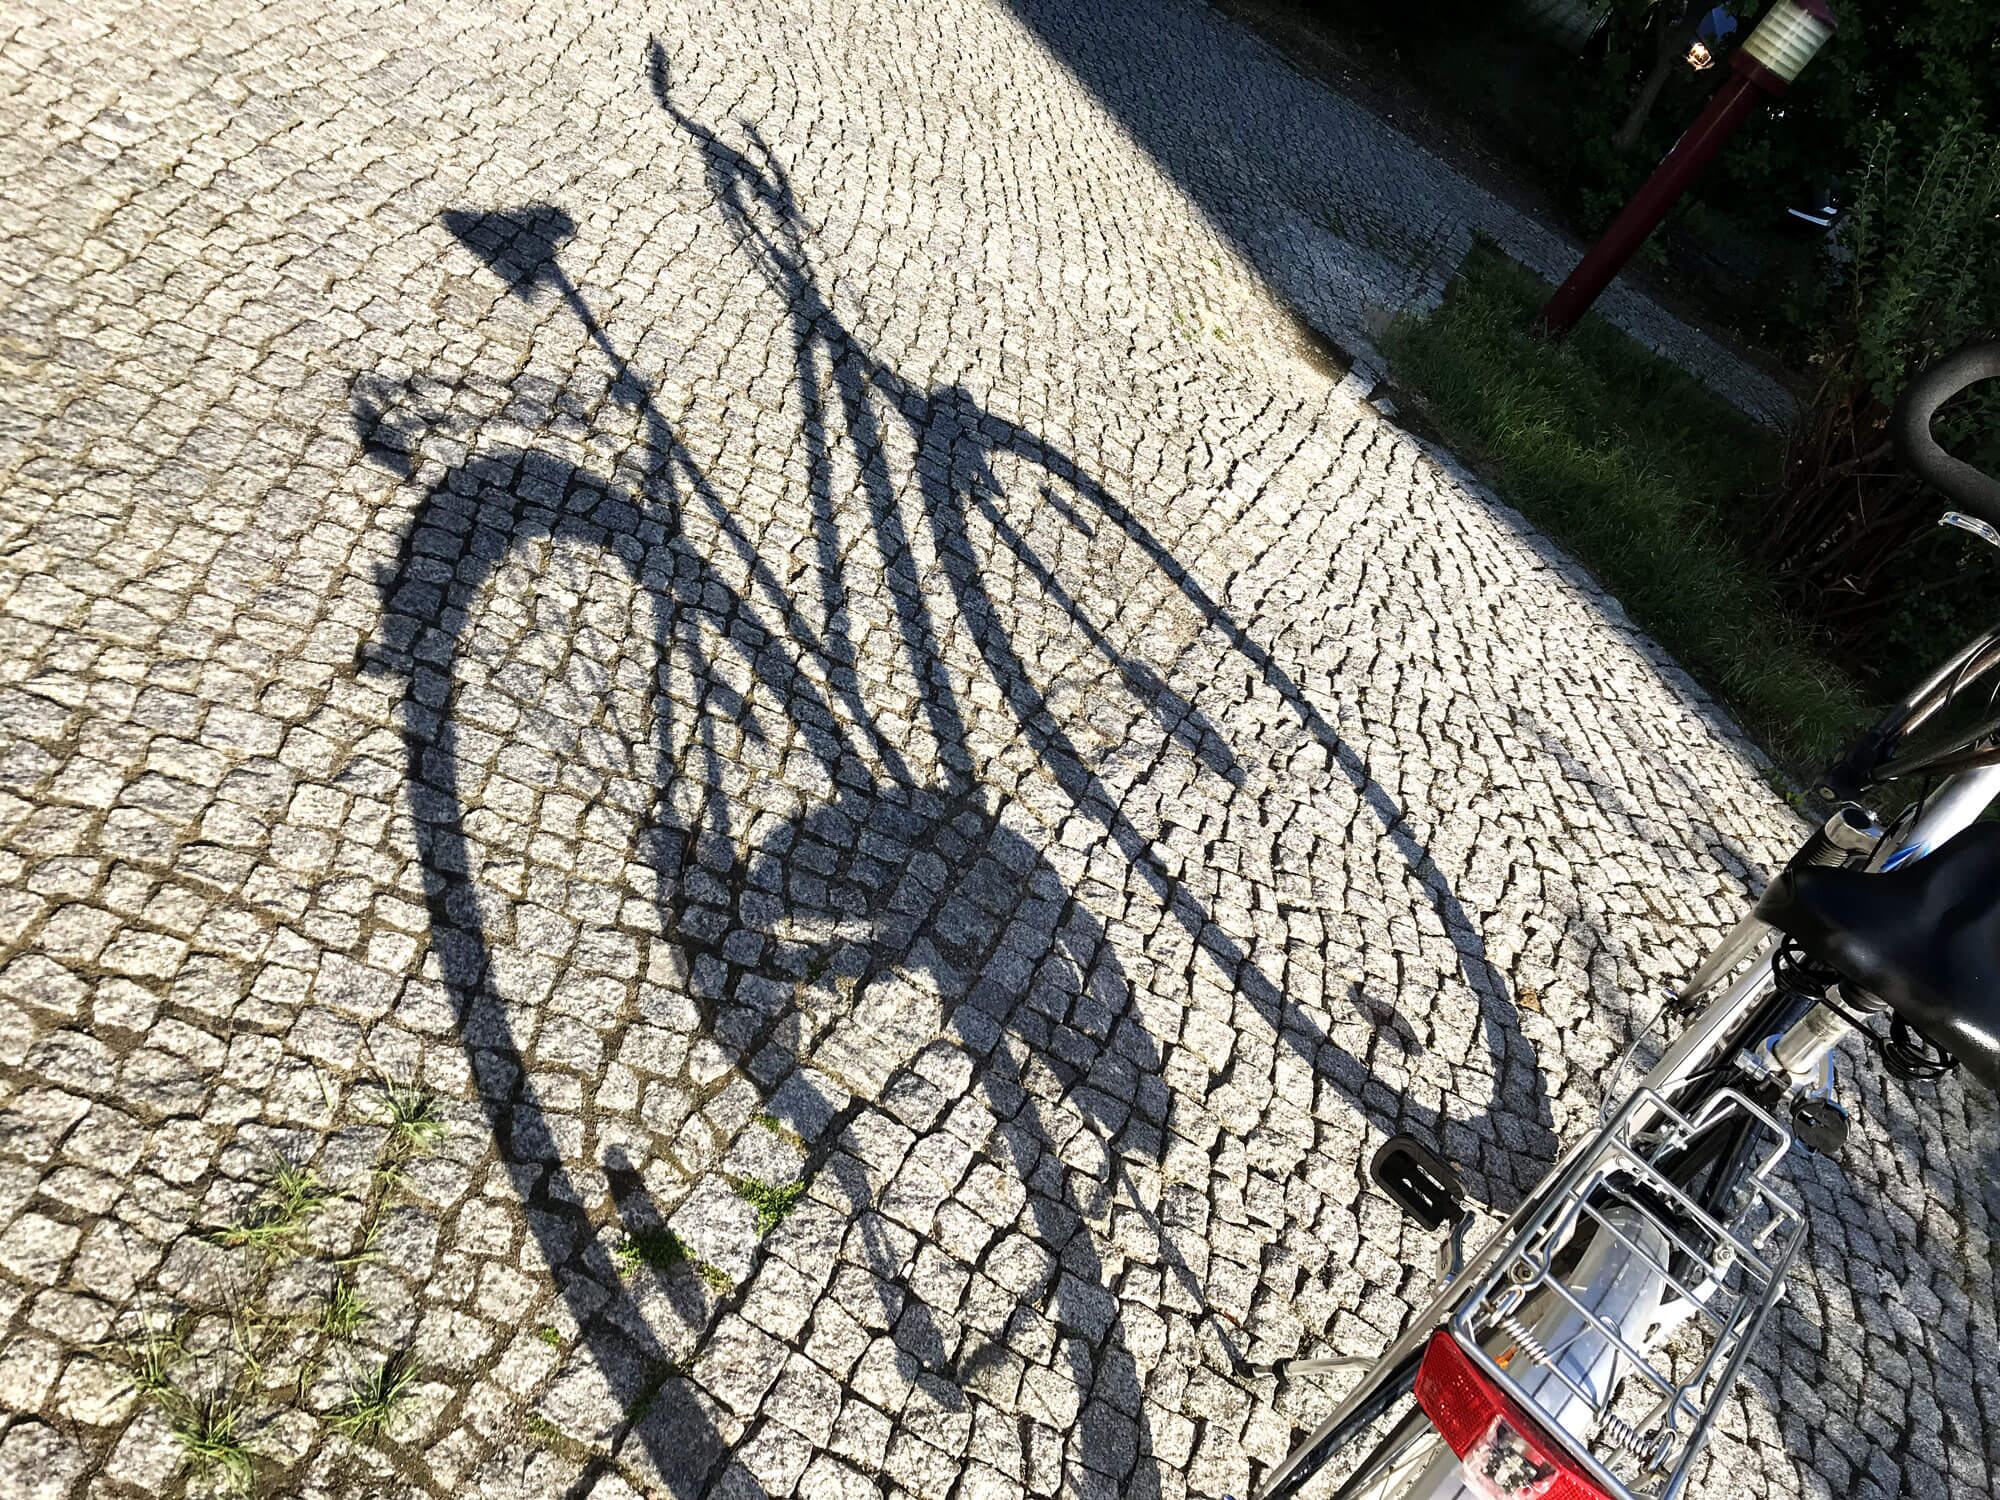 stadtradeln-fahrrad-schatte